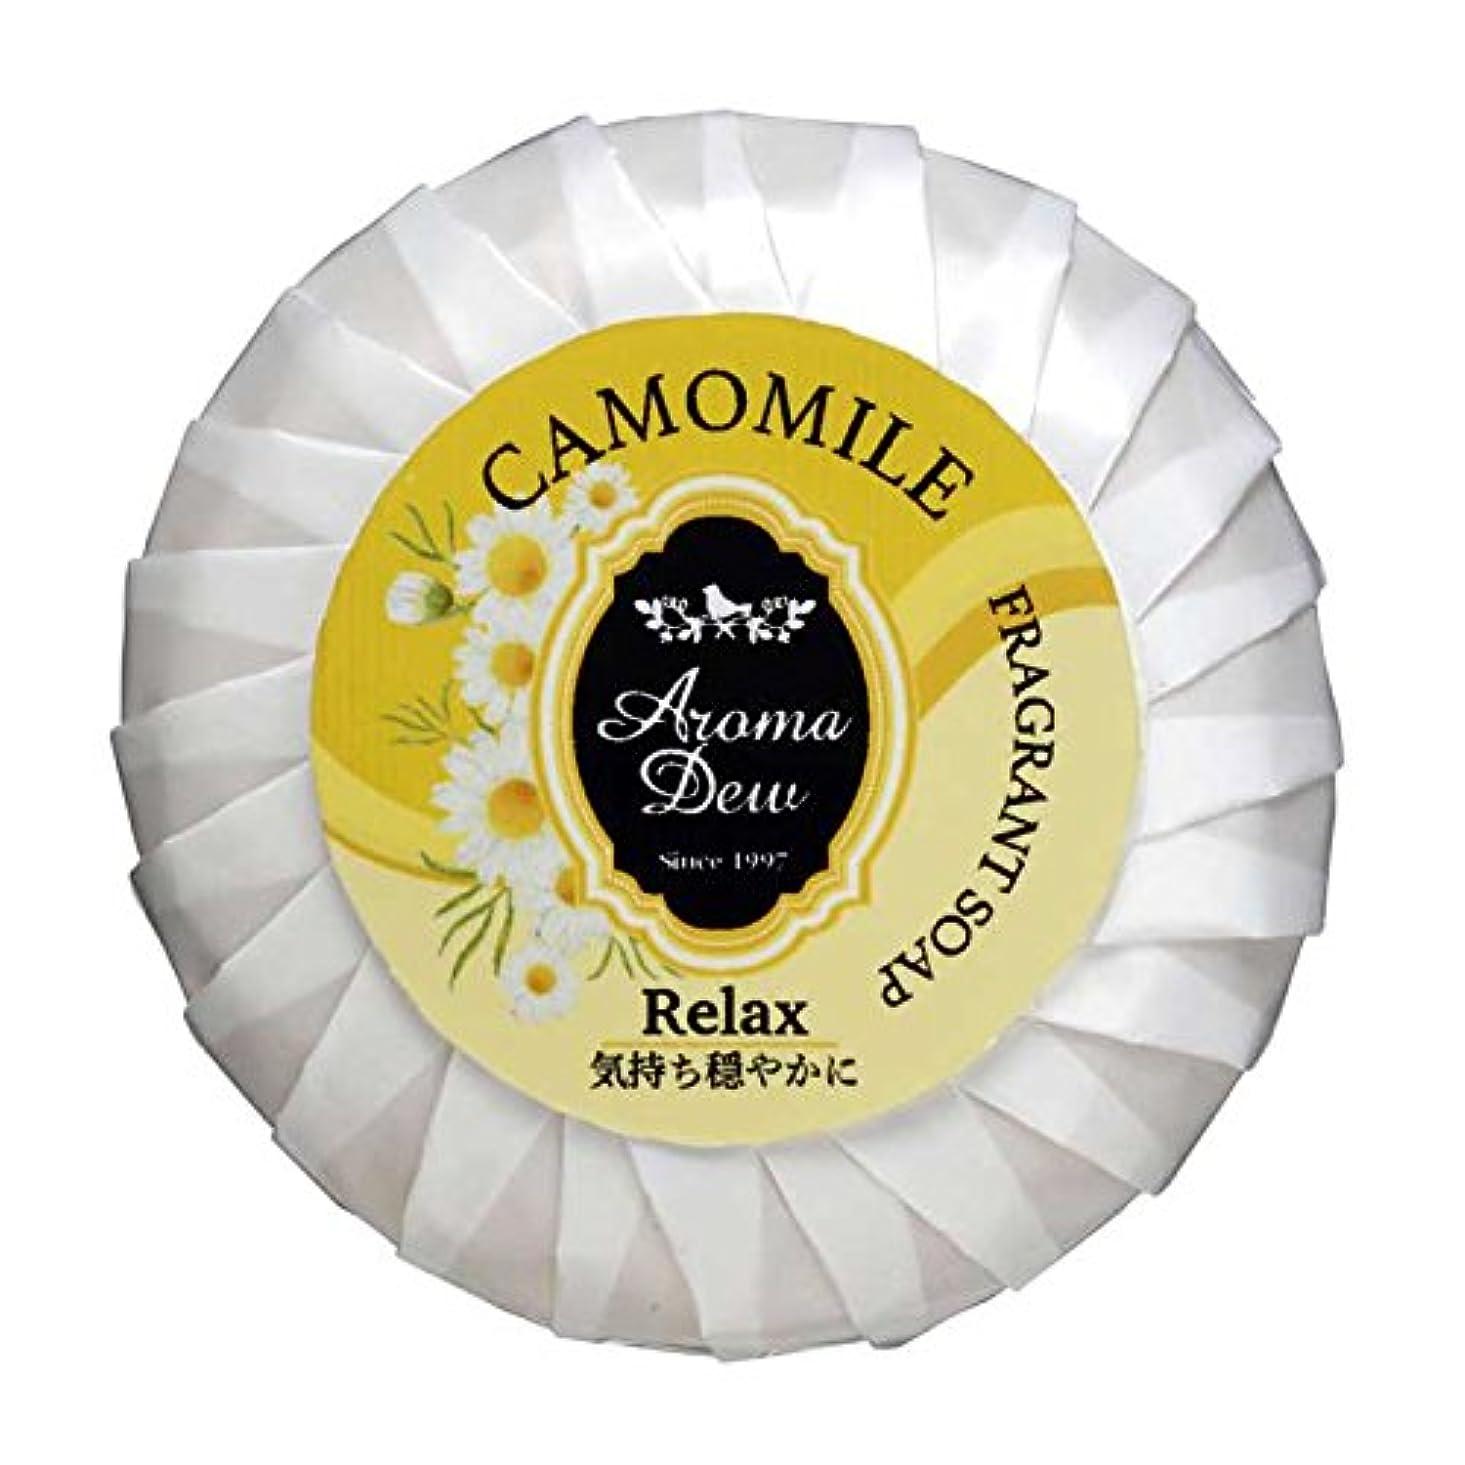 一般協力好奇心アロマデュウ フレグラントソープ カモミールの香り 100g